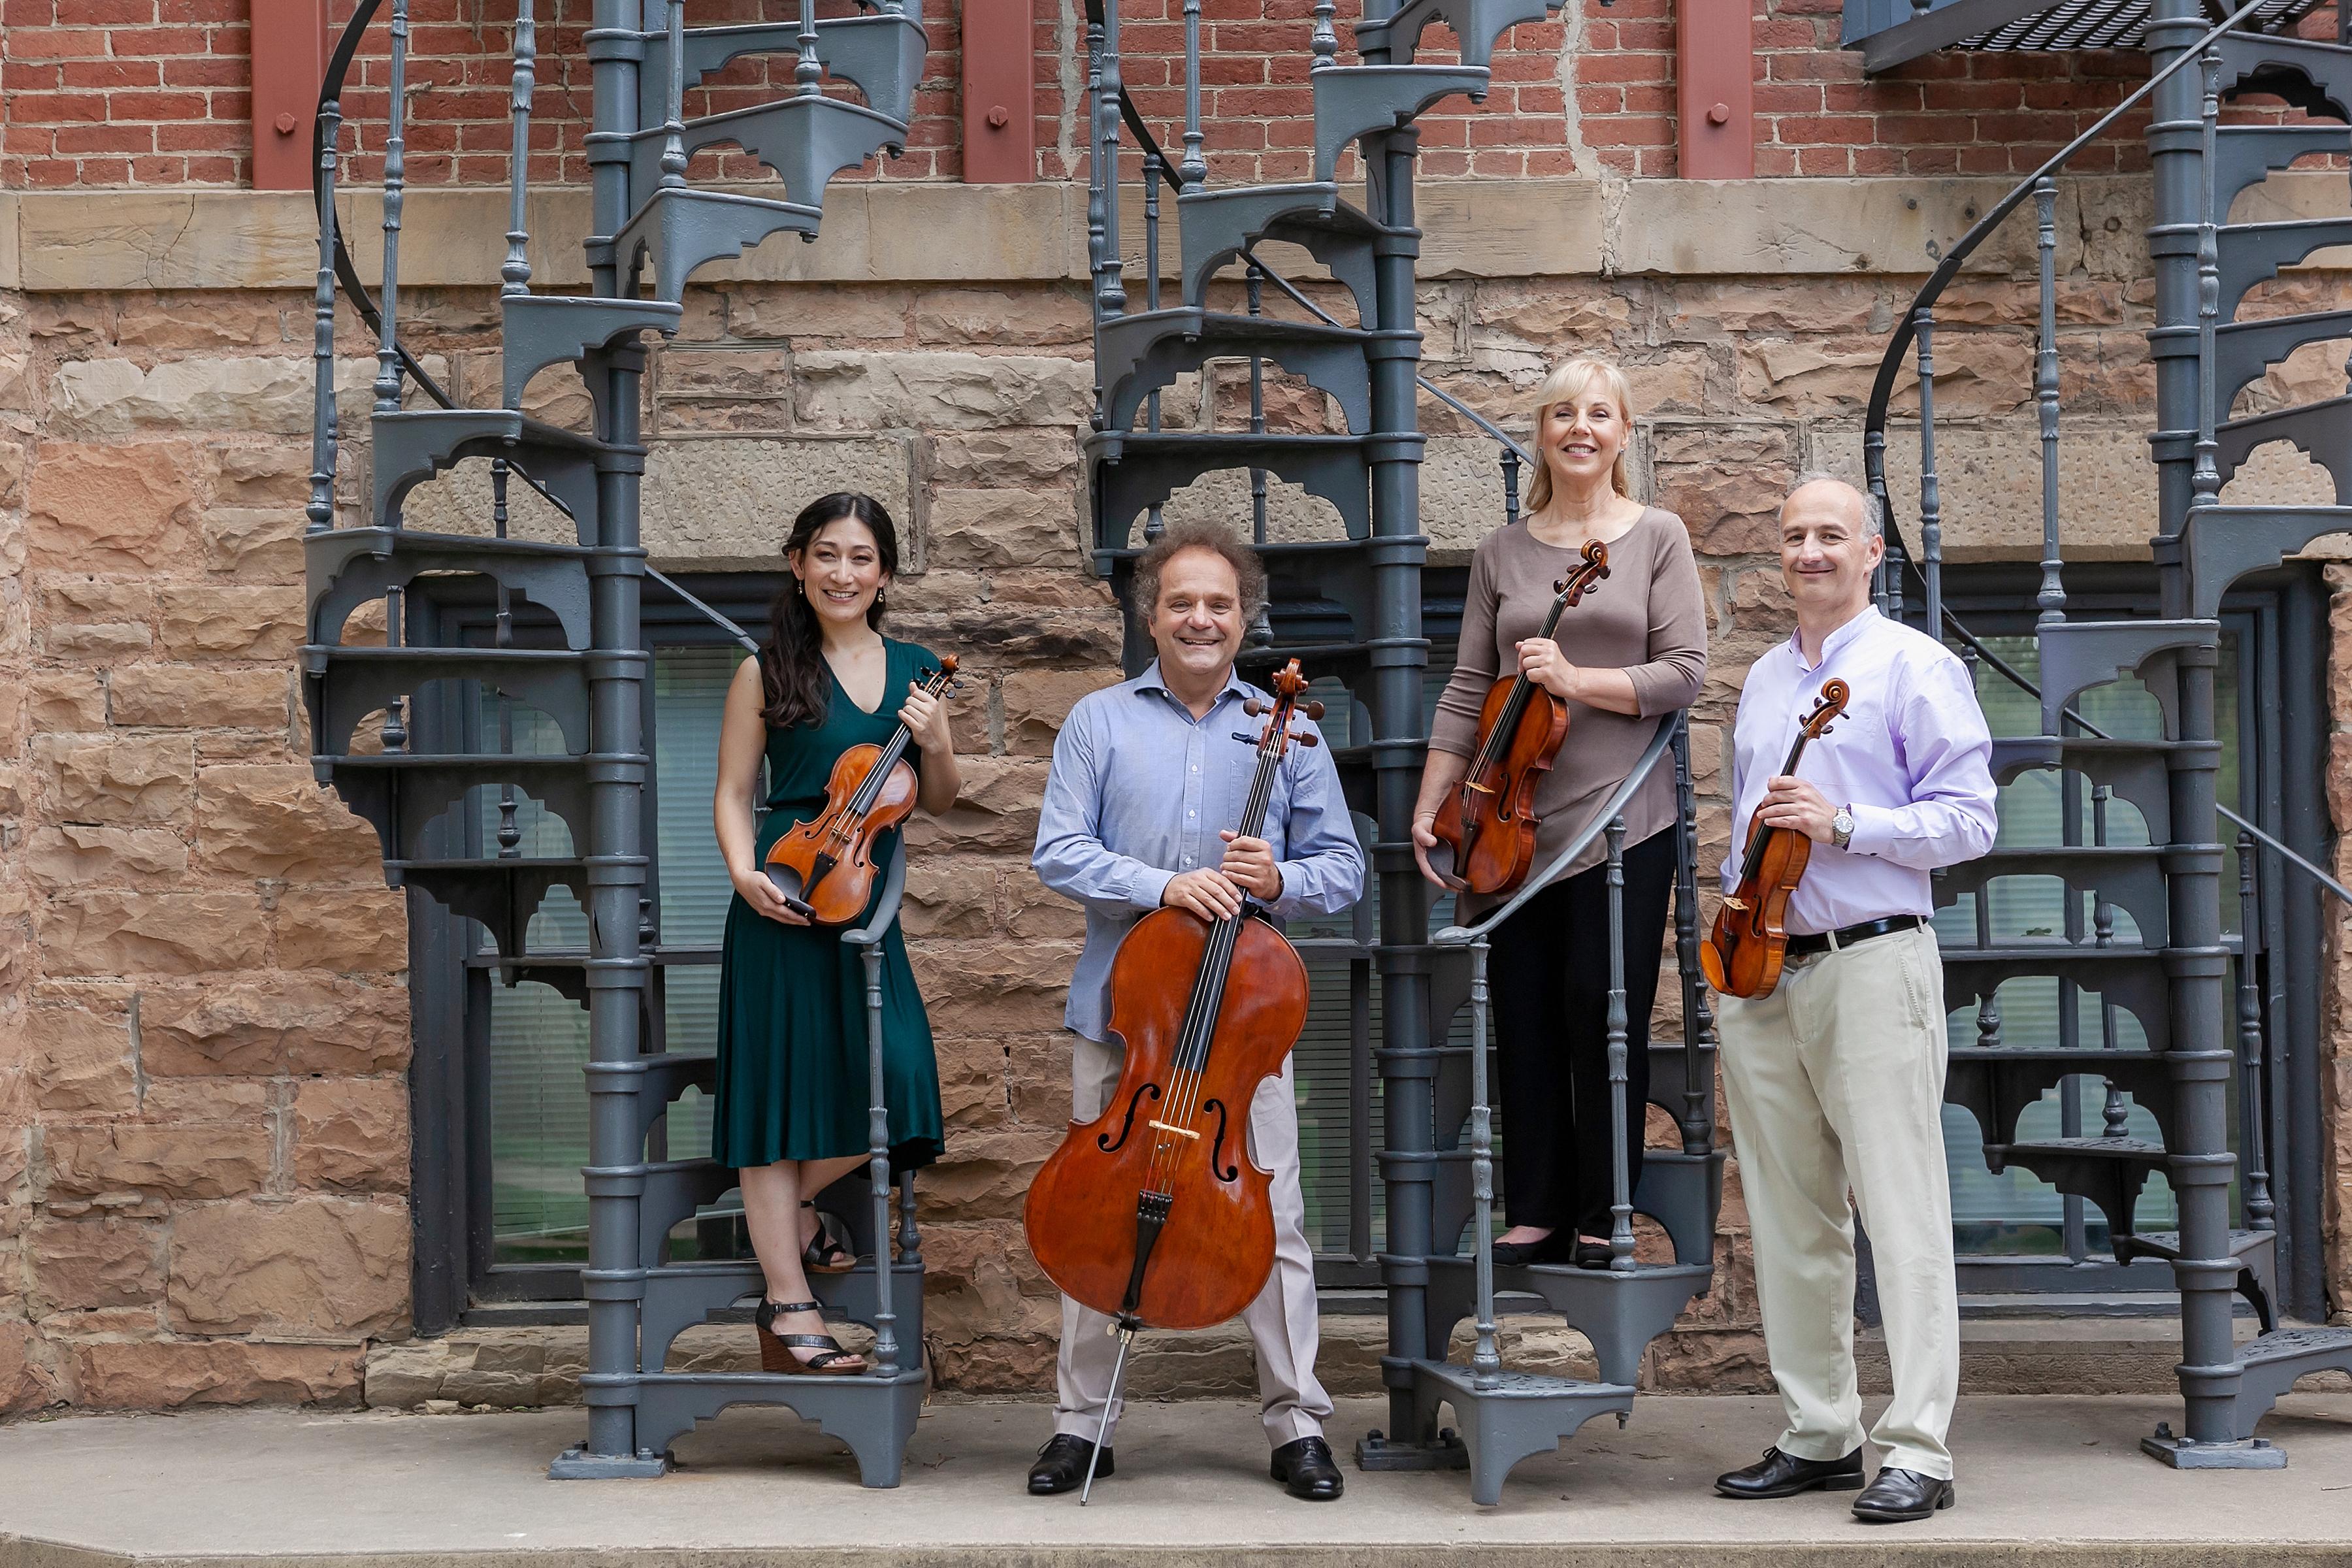 04-Takacs-Quartet-Amanda-Tipton-photography.jpg.jpg